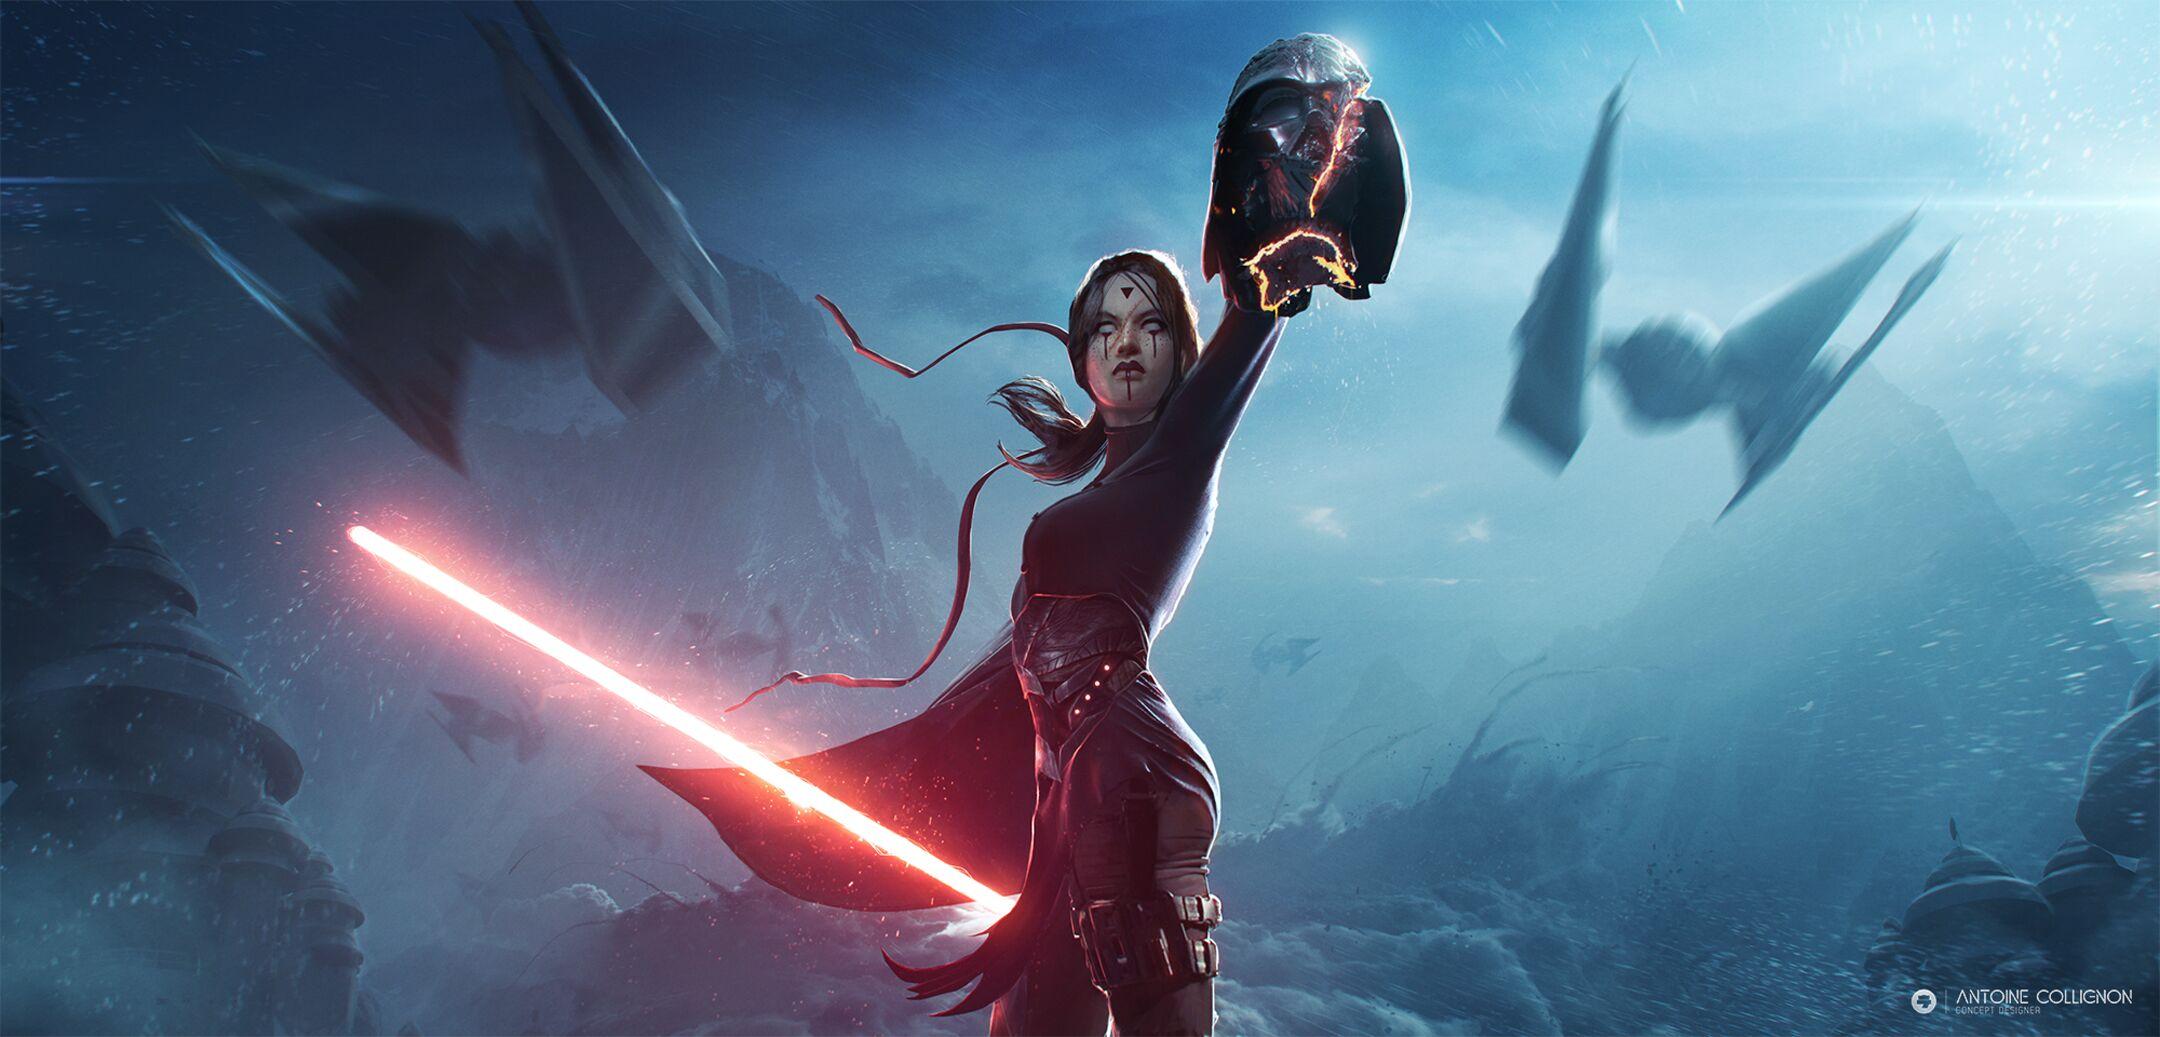 Star Wars Rumors: Mara Jade Rey's Mother Star Wars